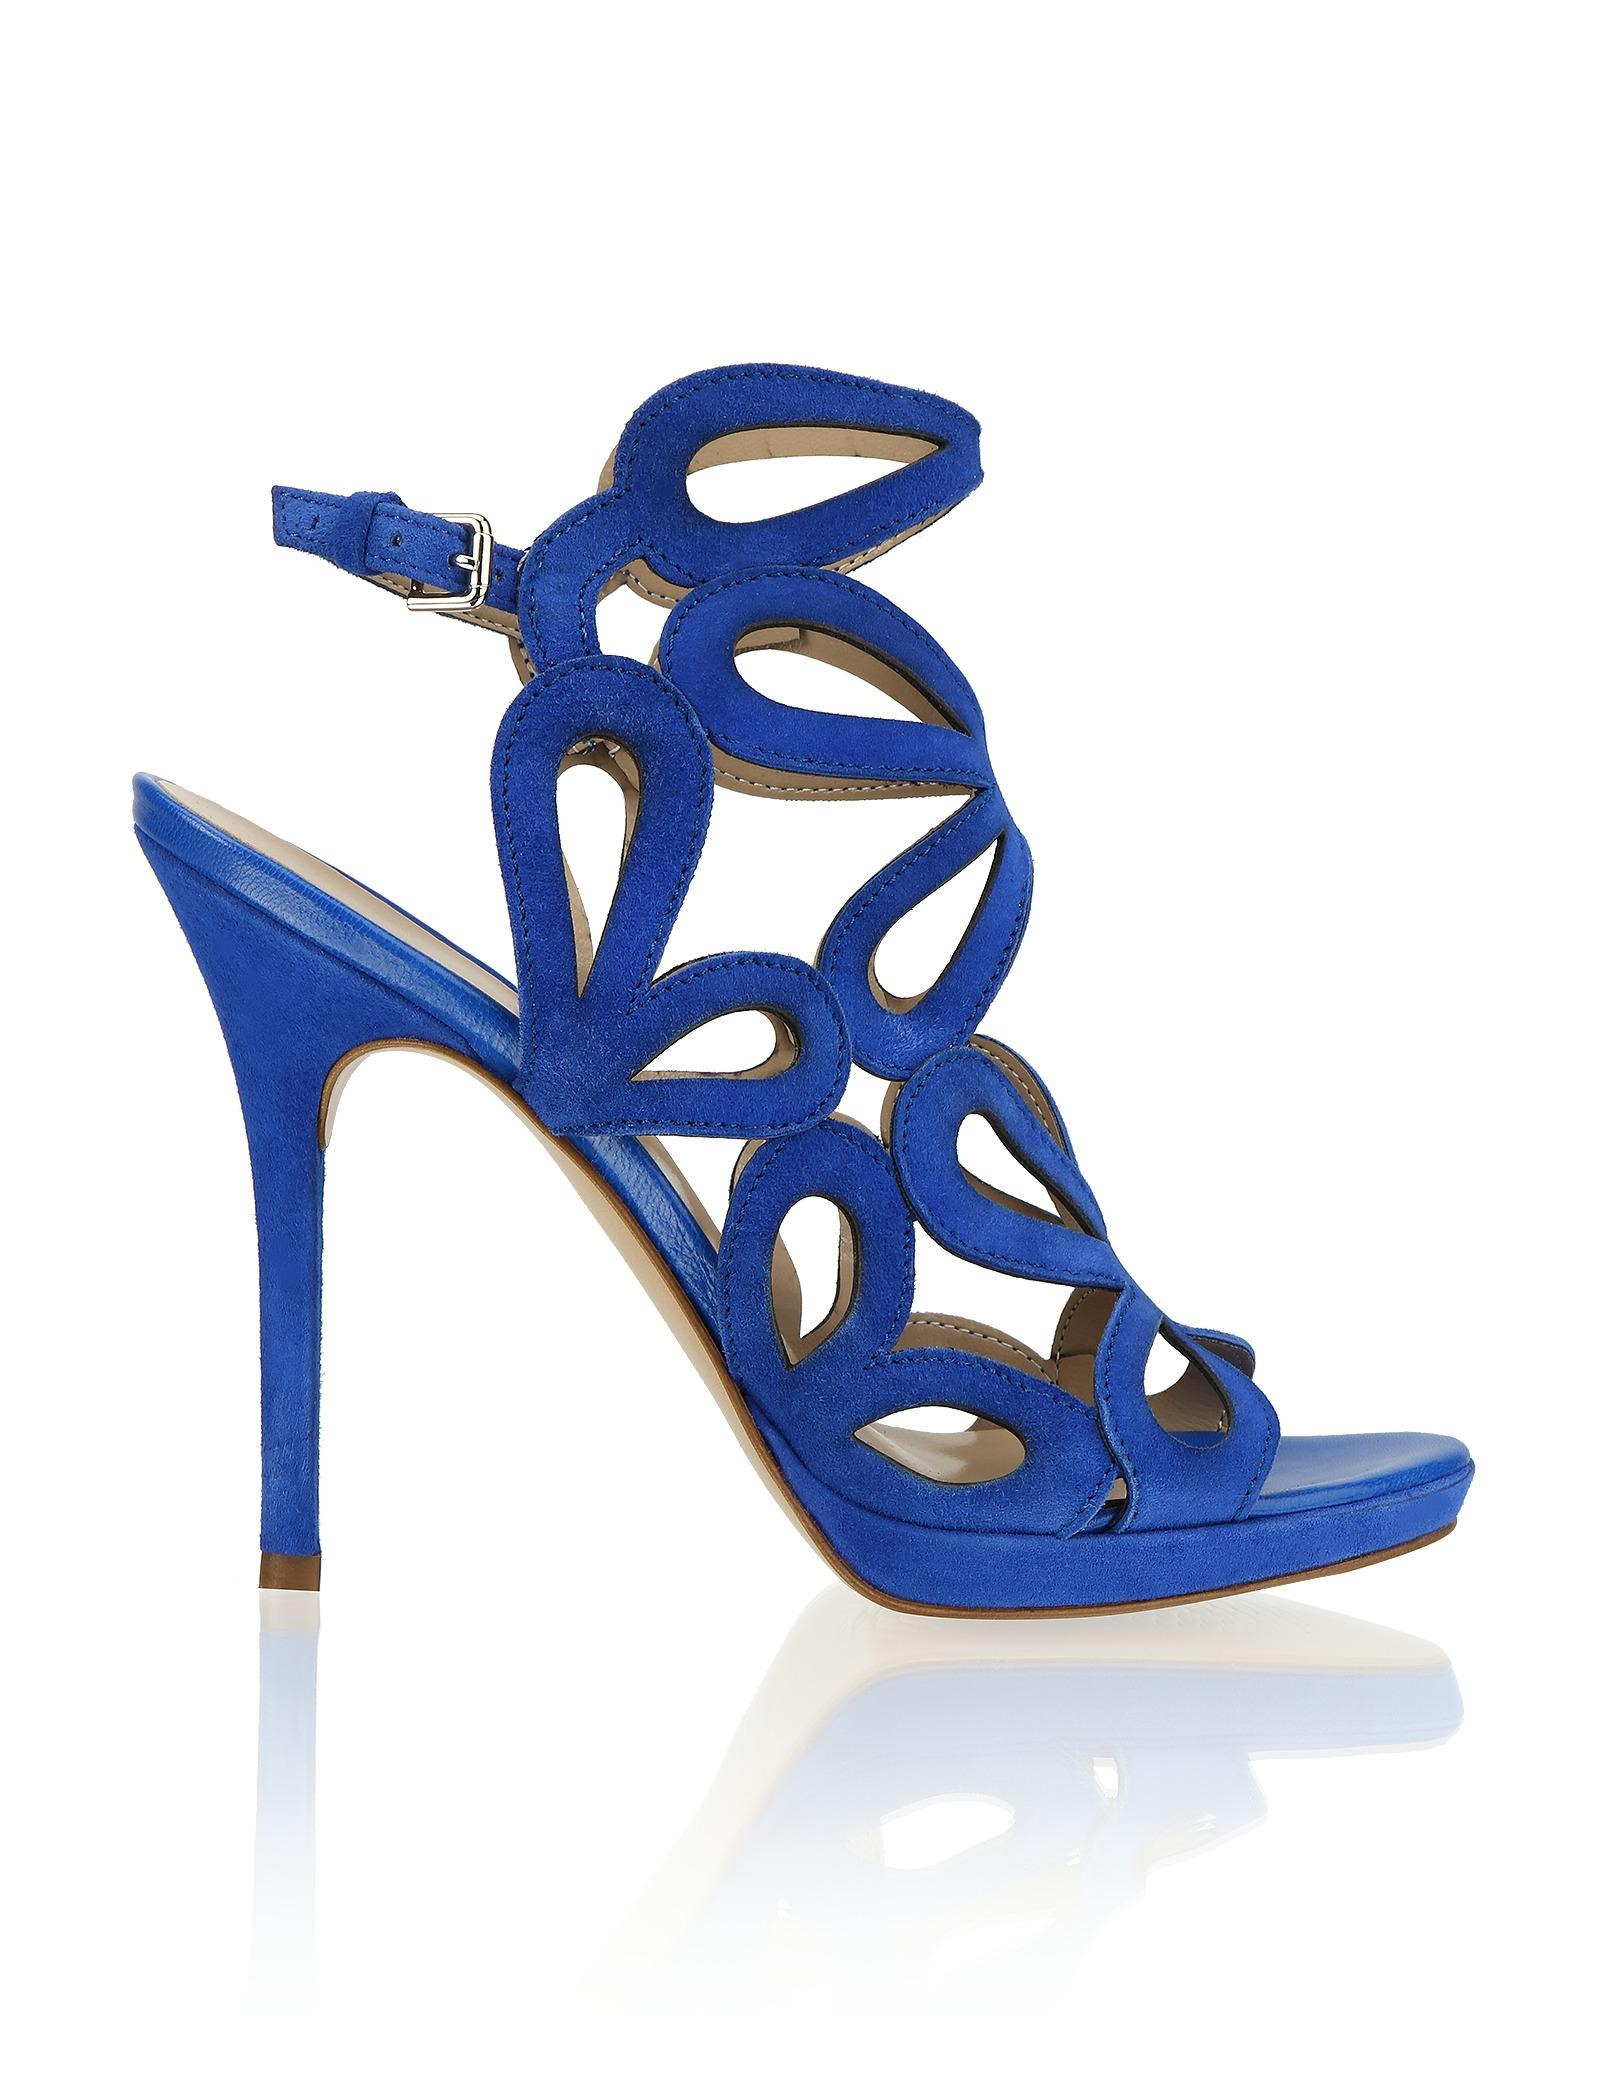 HUMANIC 10 ALISHA Glattleder-Sandalette 1342820138 EUR99,95.jpg